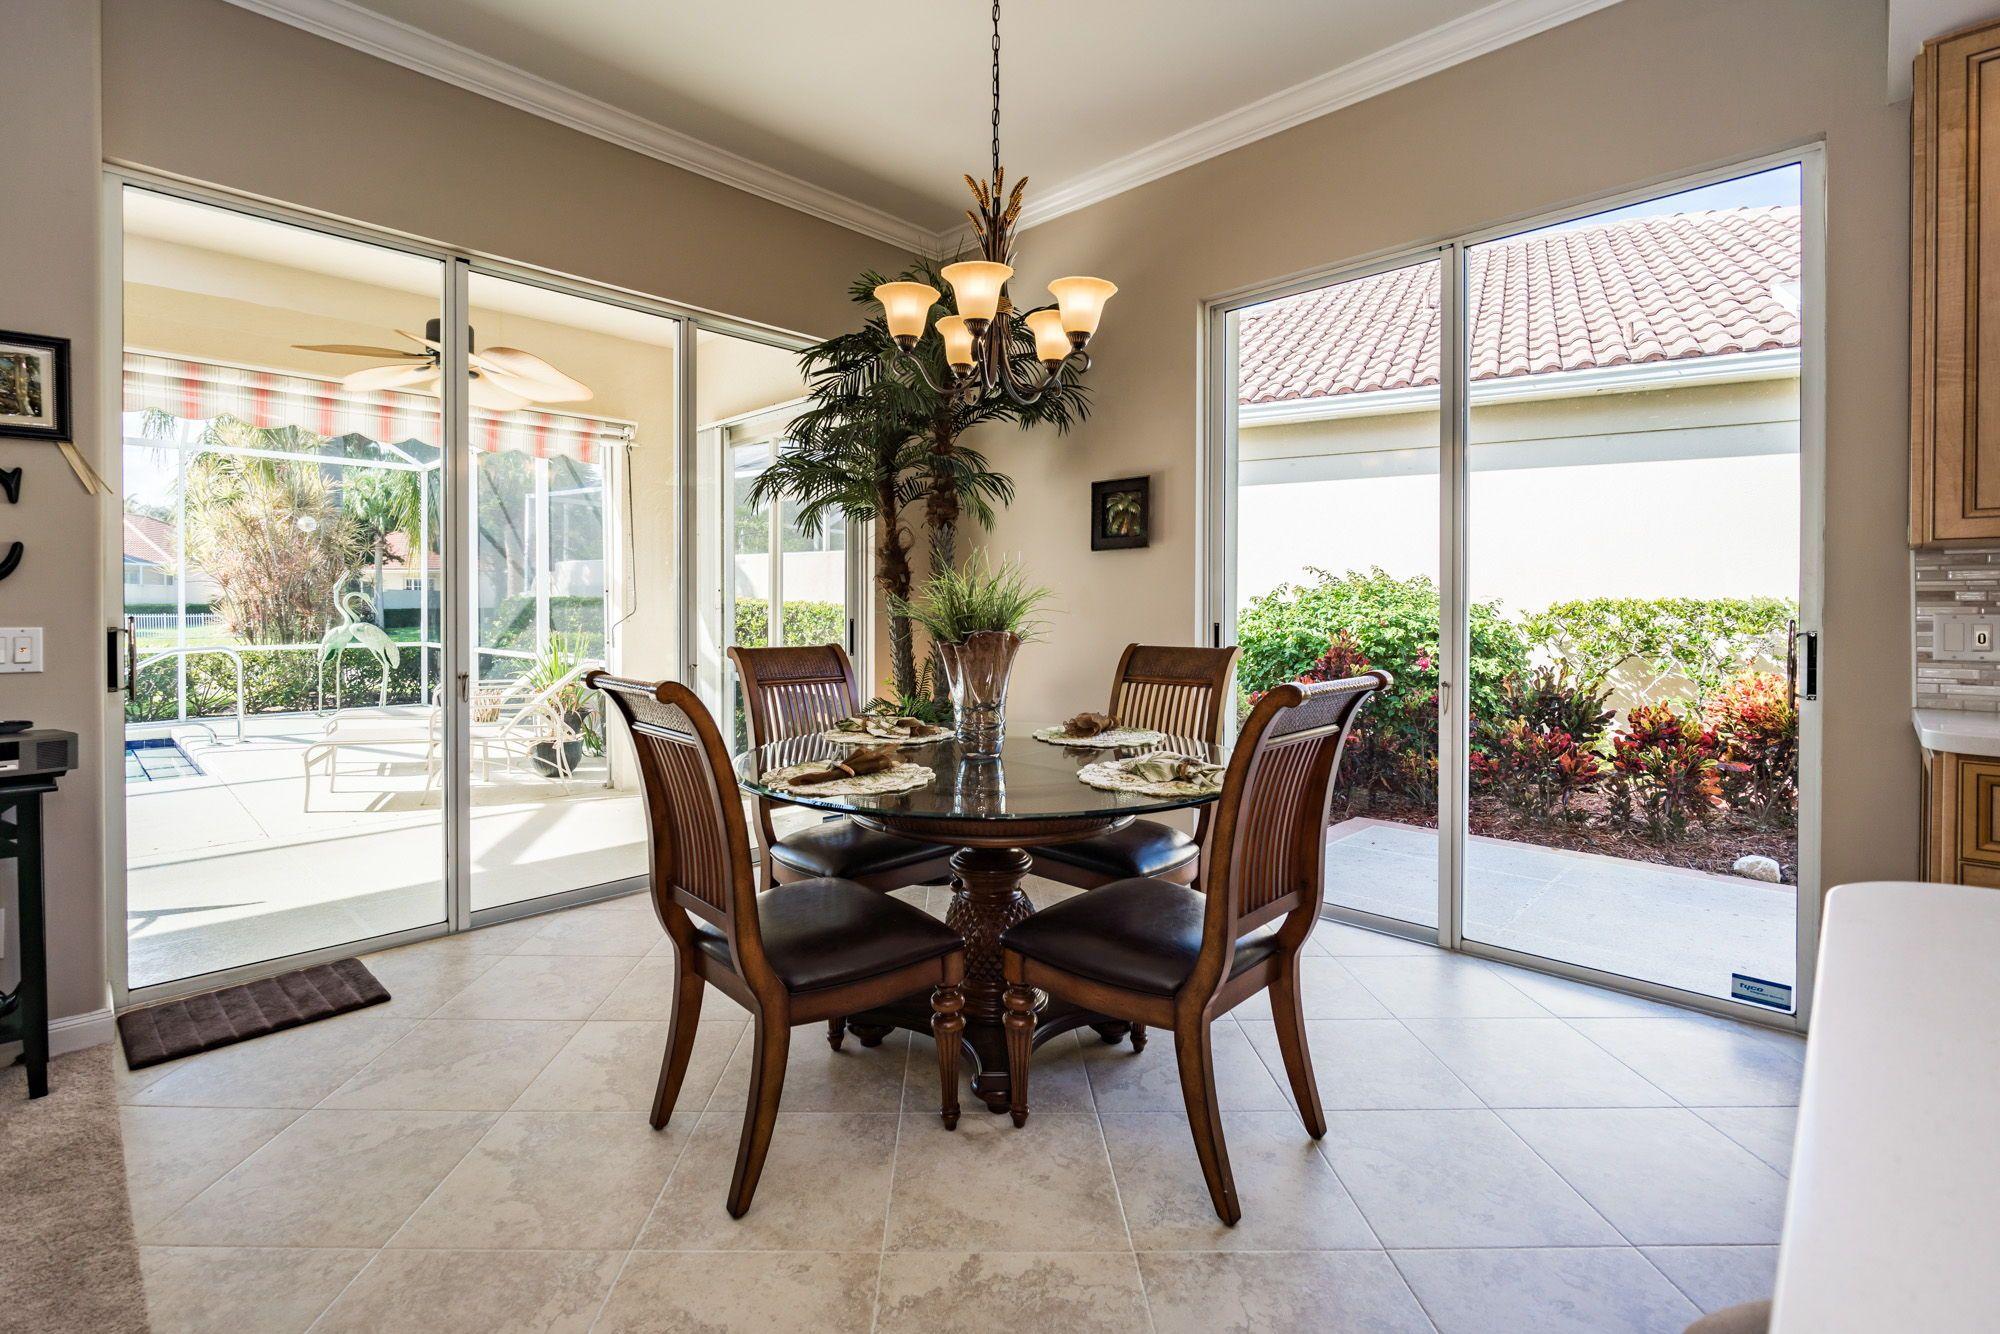 29fa6838bb6c1ef6f8ba04ef83257529 - Consignment Furniture Palm Beach Gardens Fl